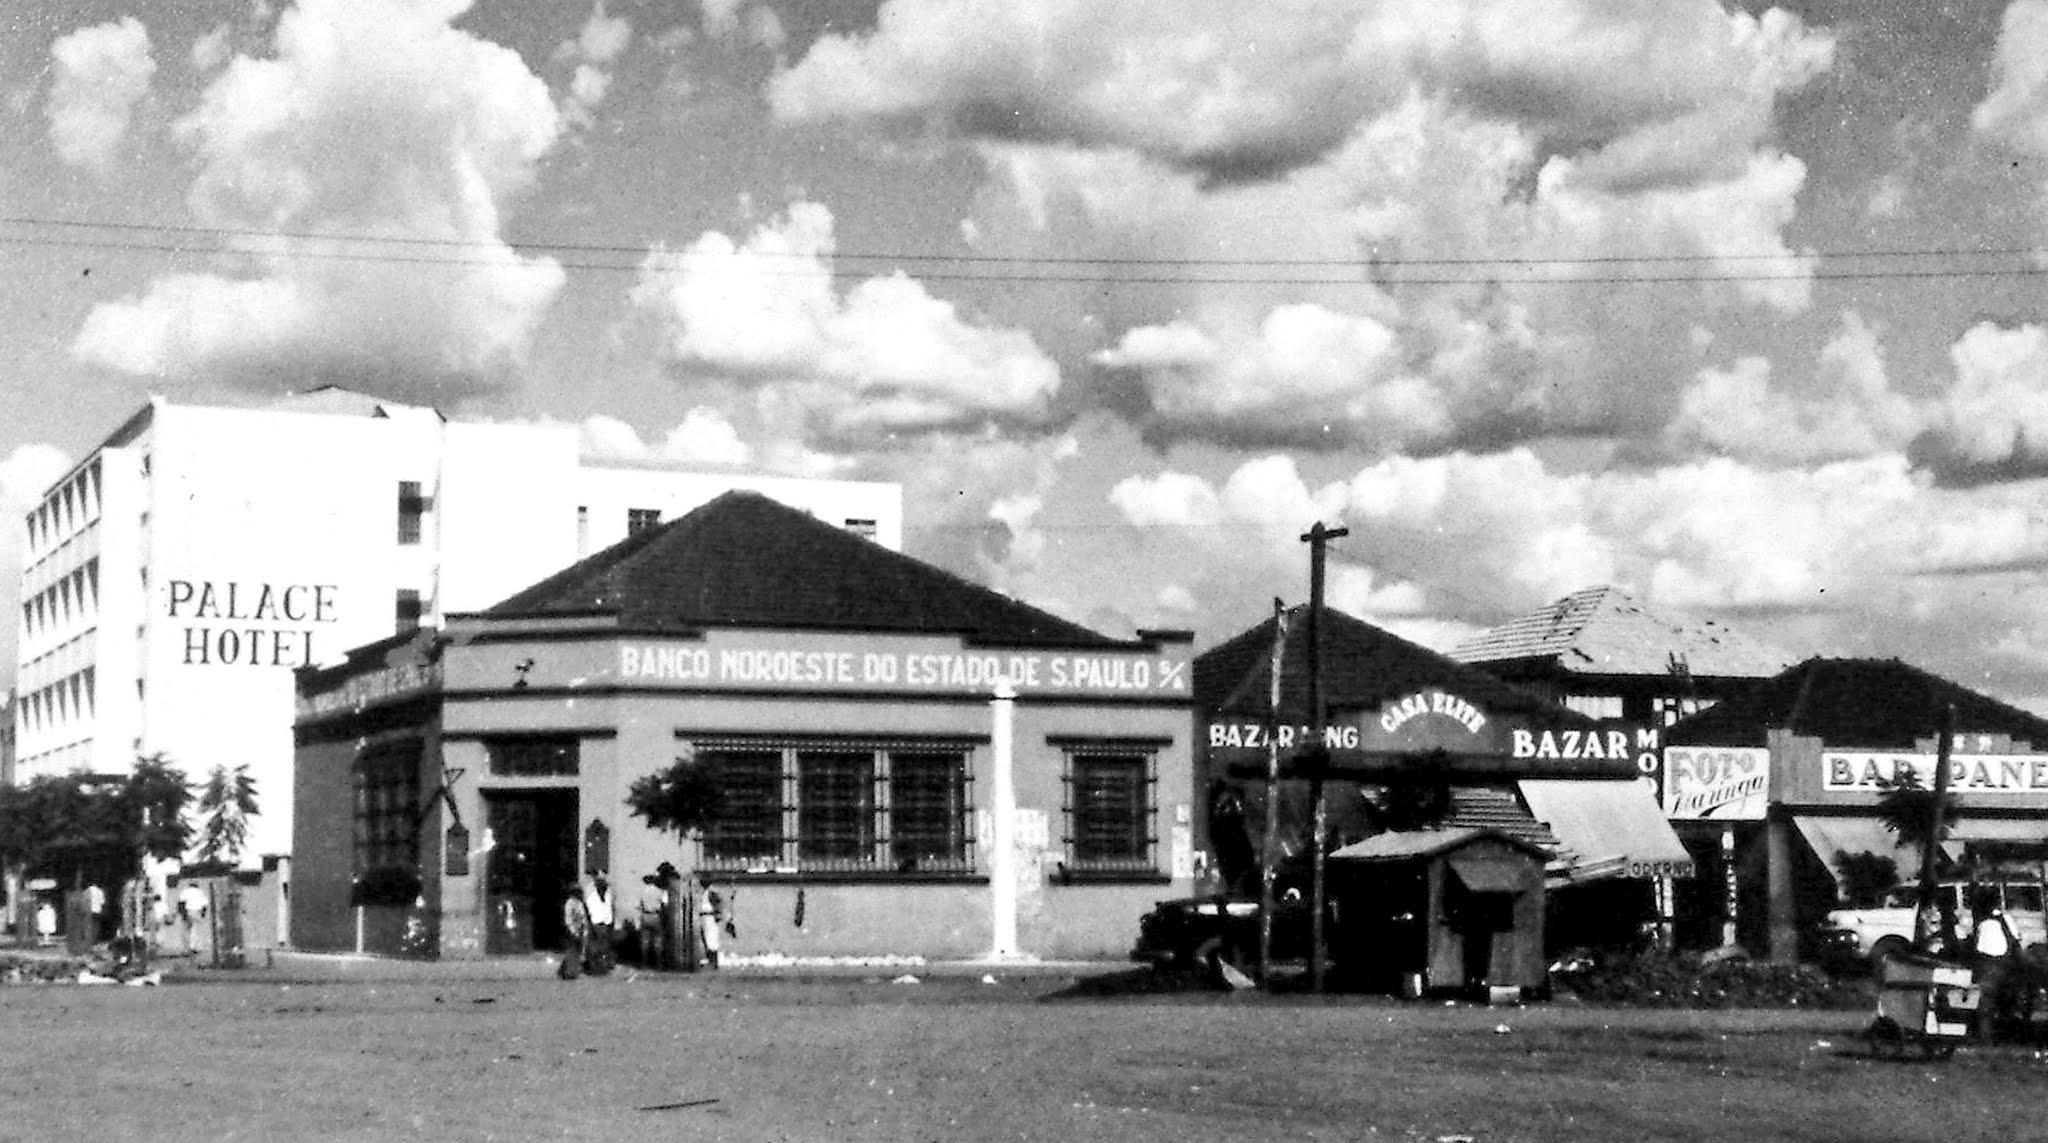 Brasil esquina com Duque de Caxias - Anos 1950